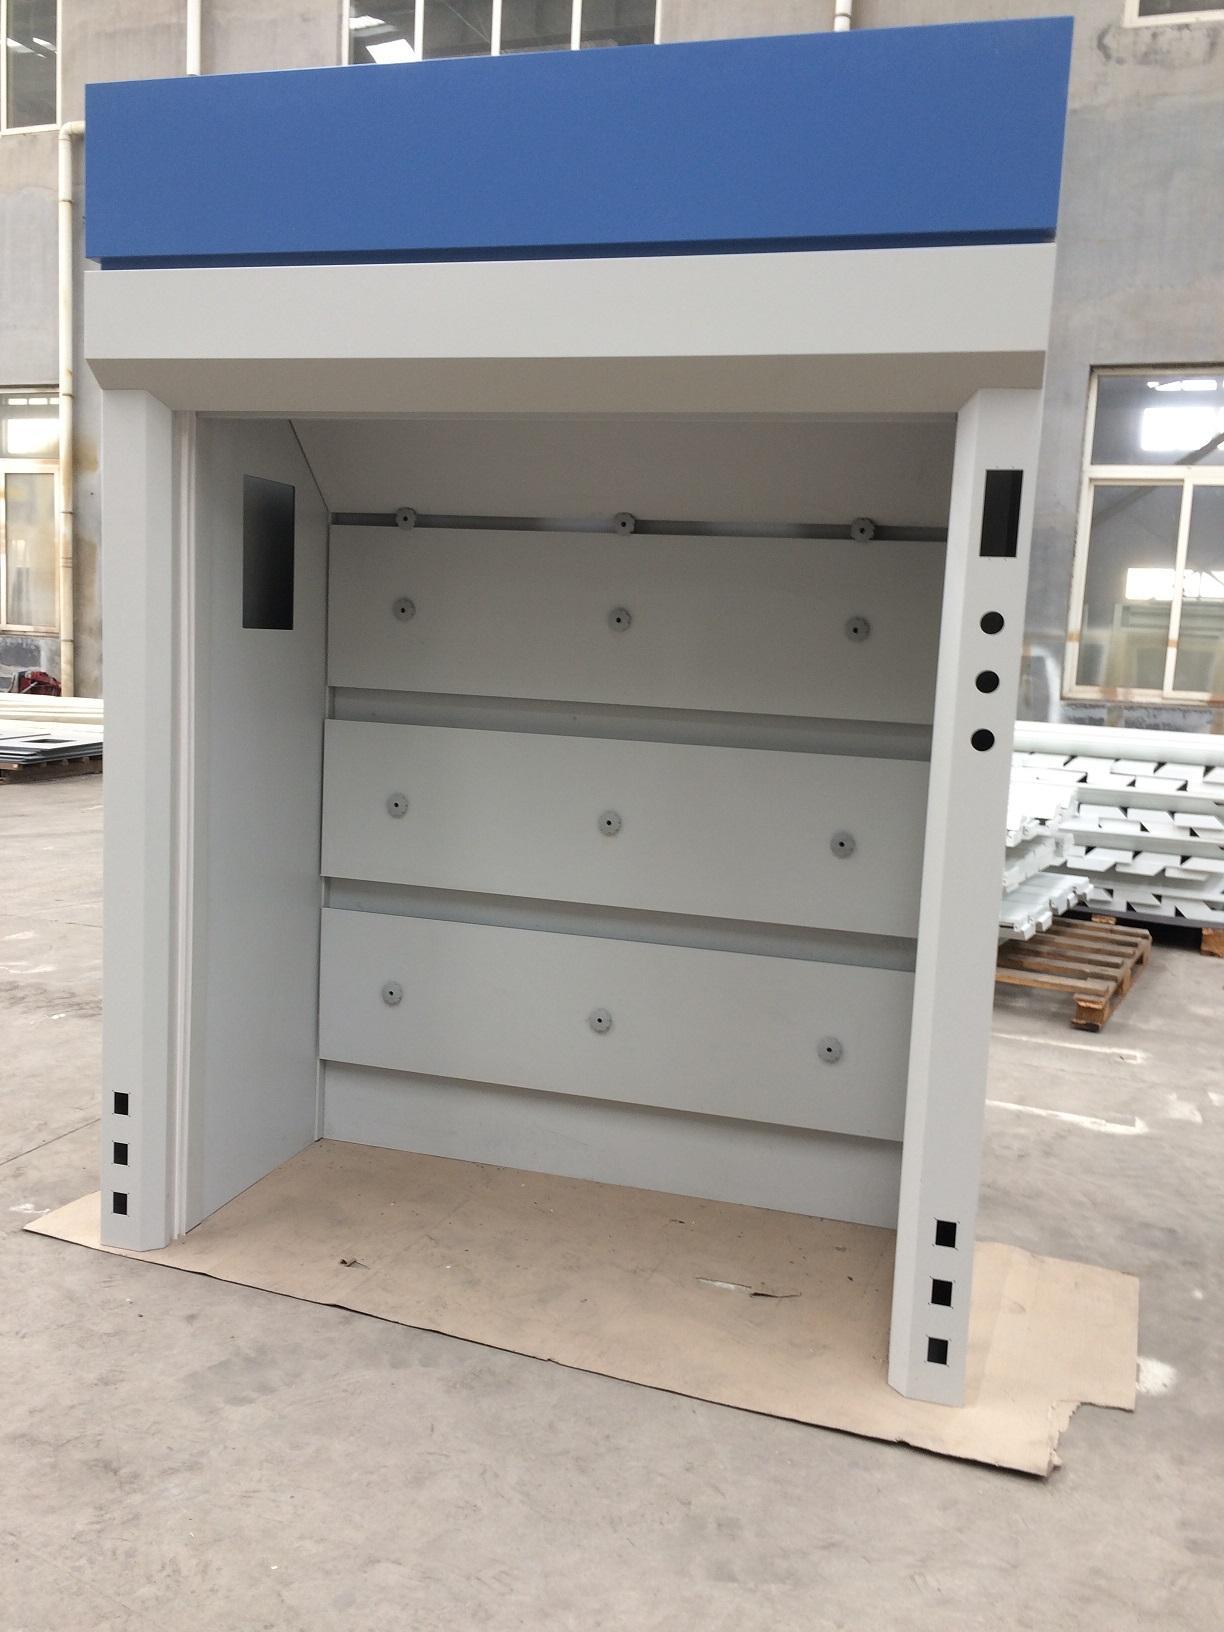 CE Approved All Steel Fume Cabinet Walk-in Laboratory Fume Cupboard Floor Mounte 3